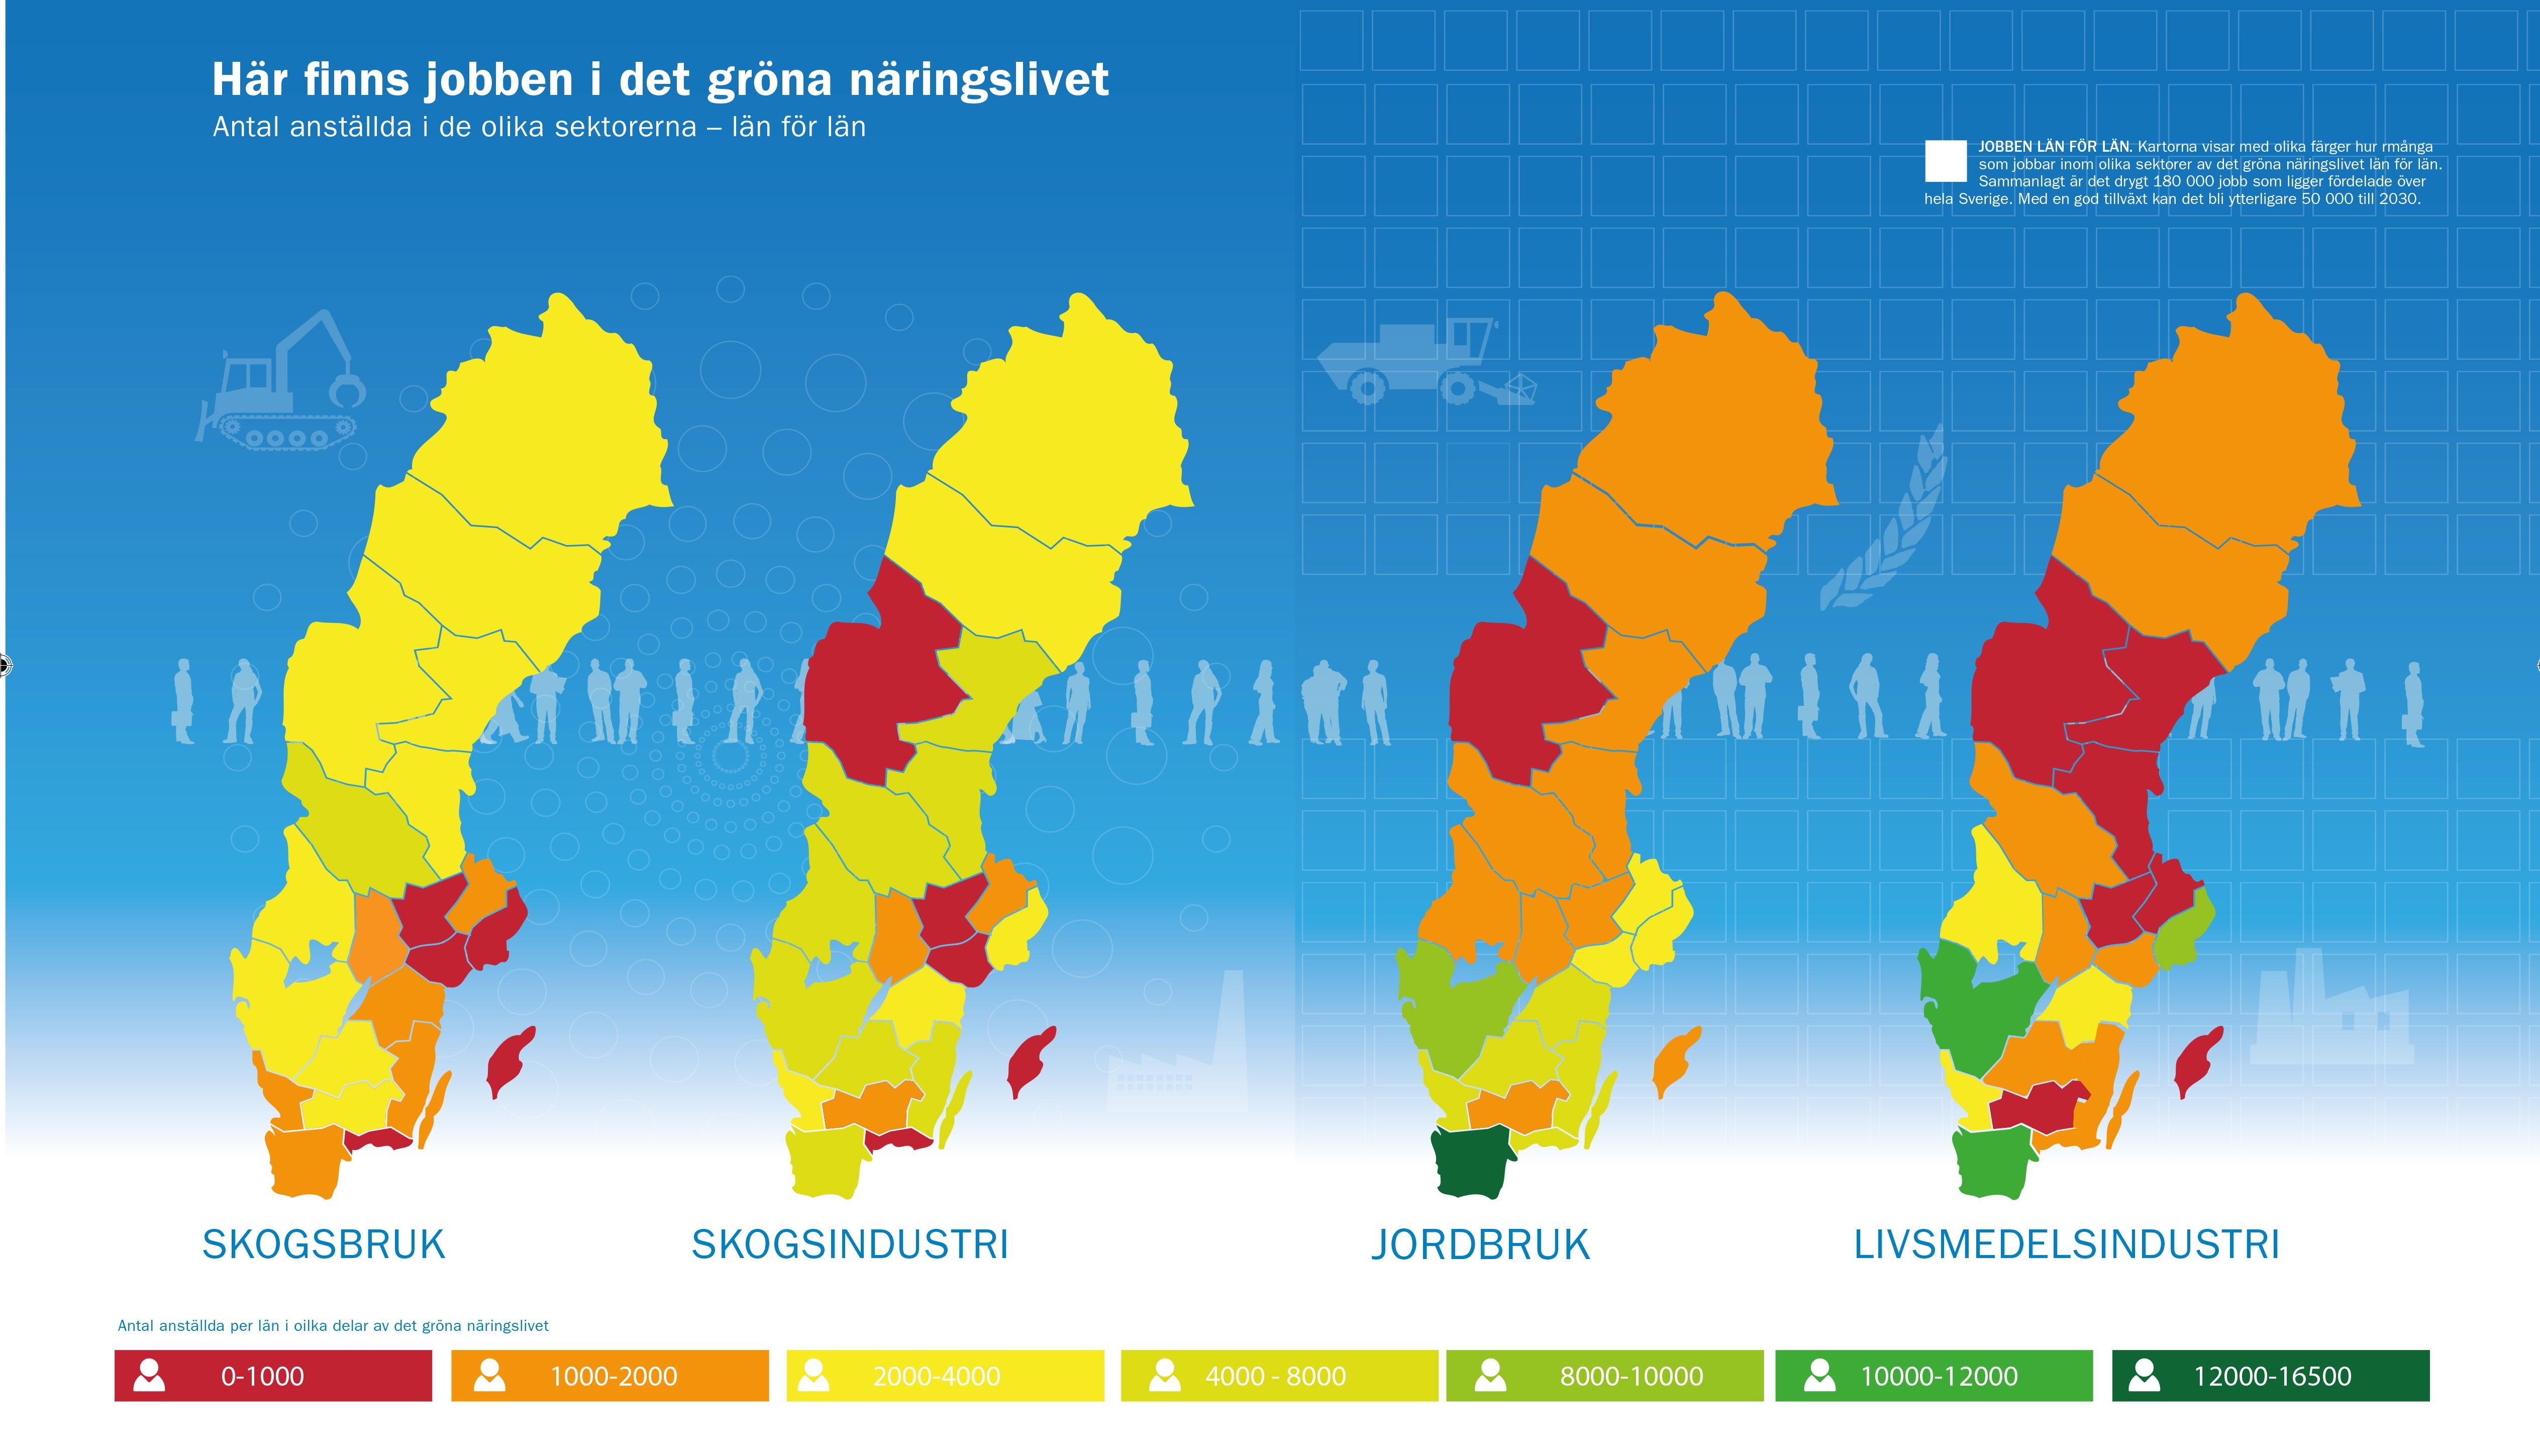 Sammanlagt är det drygt 180 000 jobb som ligger fördelade över hela Sverige. Med en god tillväxt kan det bli ytterligare 50 000 till 2030.